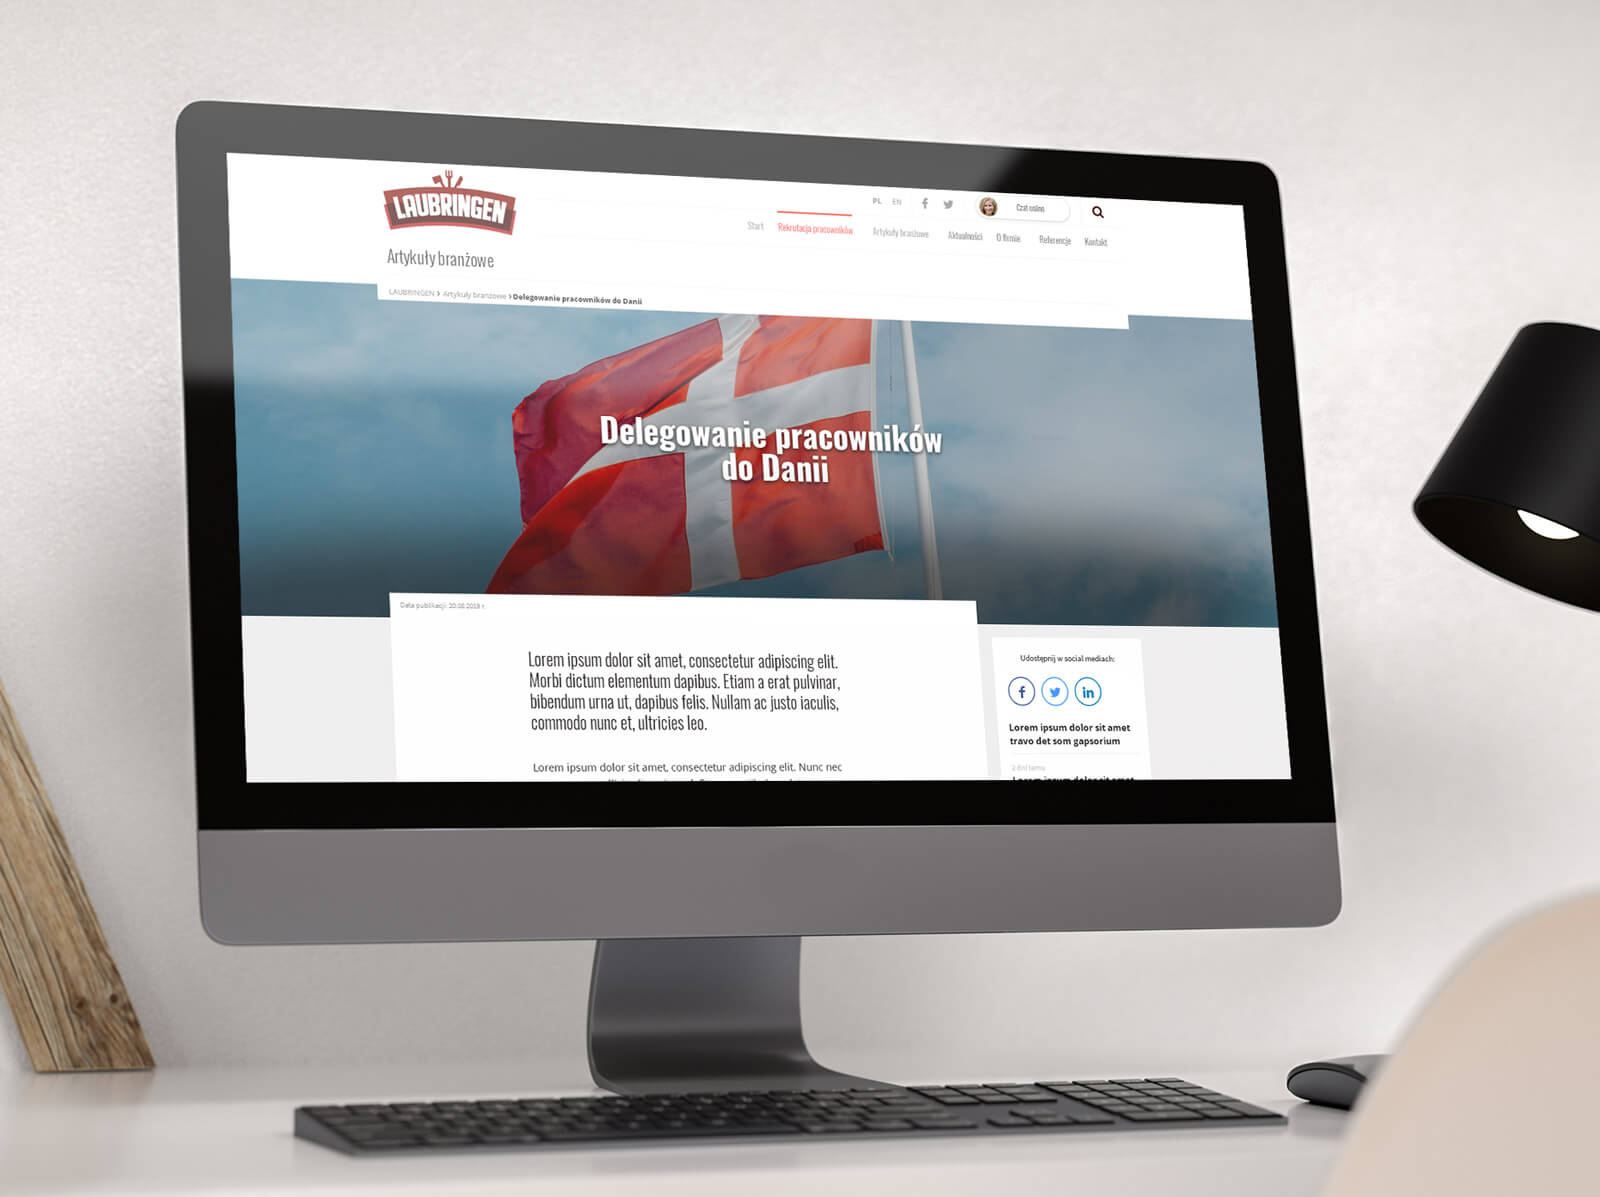 Nowa strona internetowa dla Laubringen zaprojektowana w oparciu o CMS WordPress. Lokalizacja: Wieruszów, Łódzkie